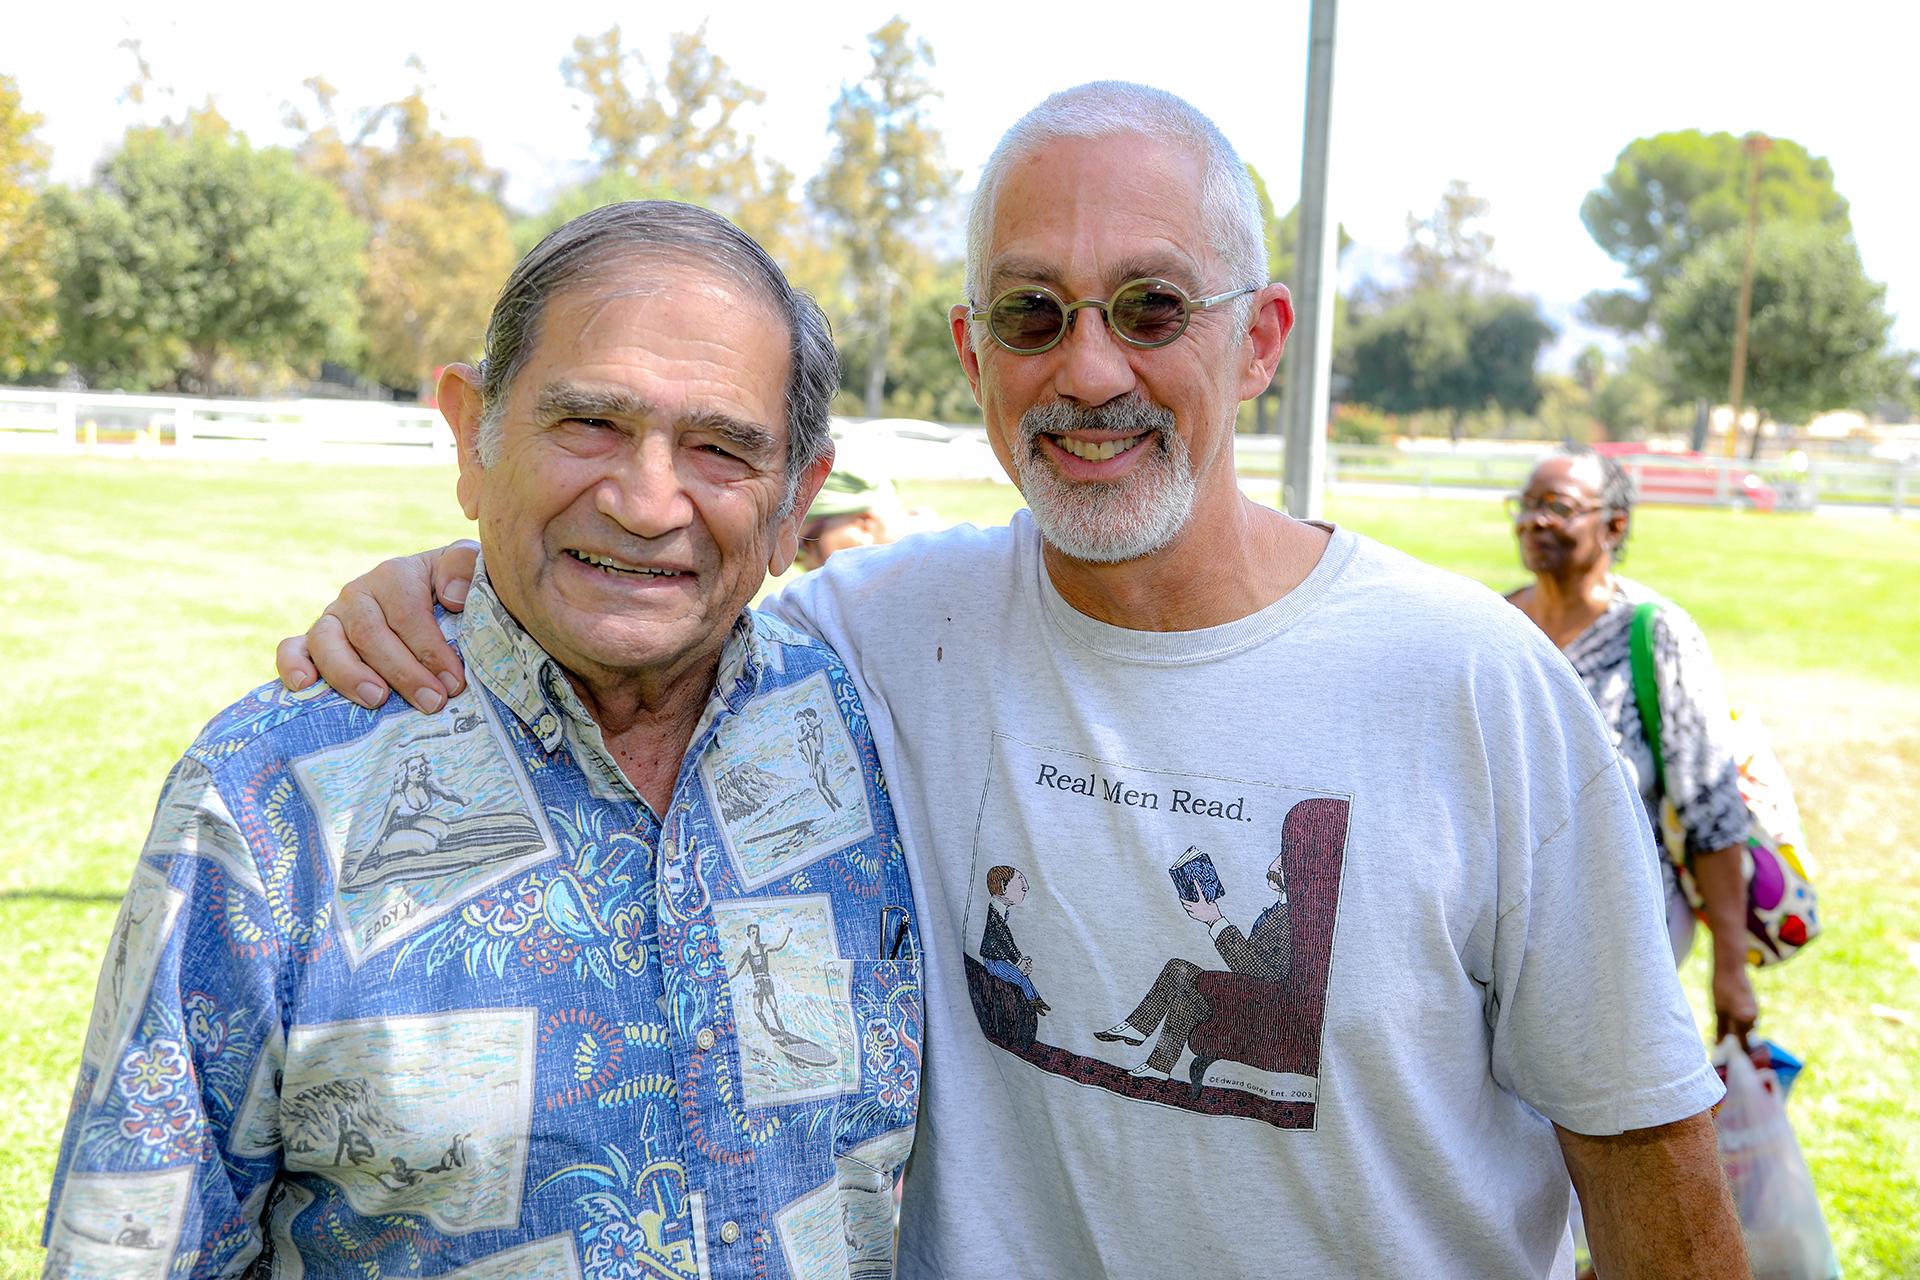 Bill Elias and Jeff Burman